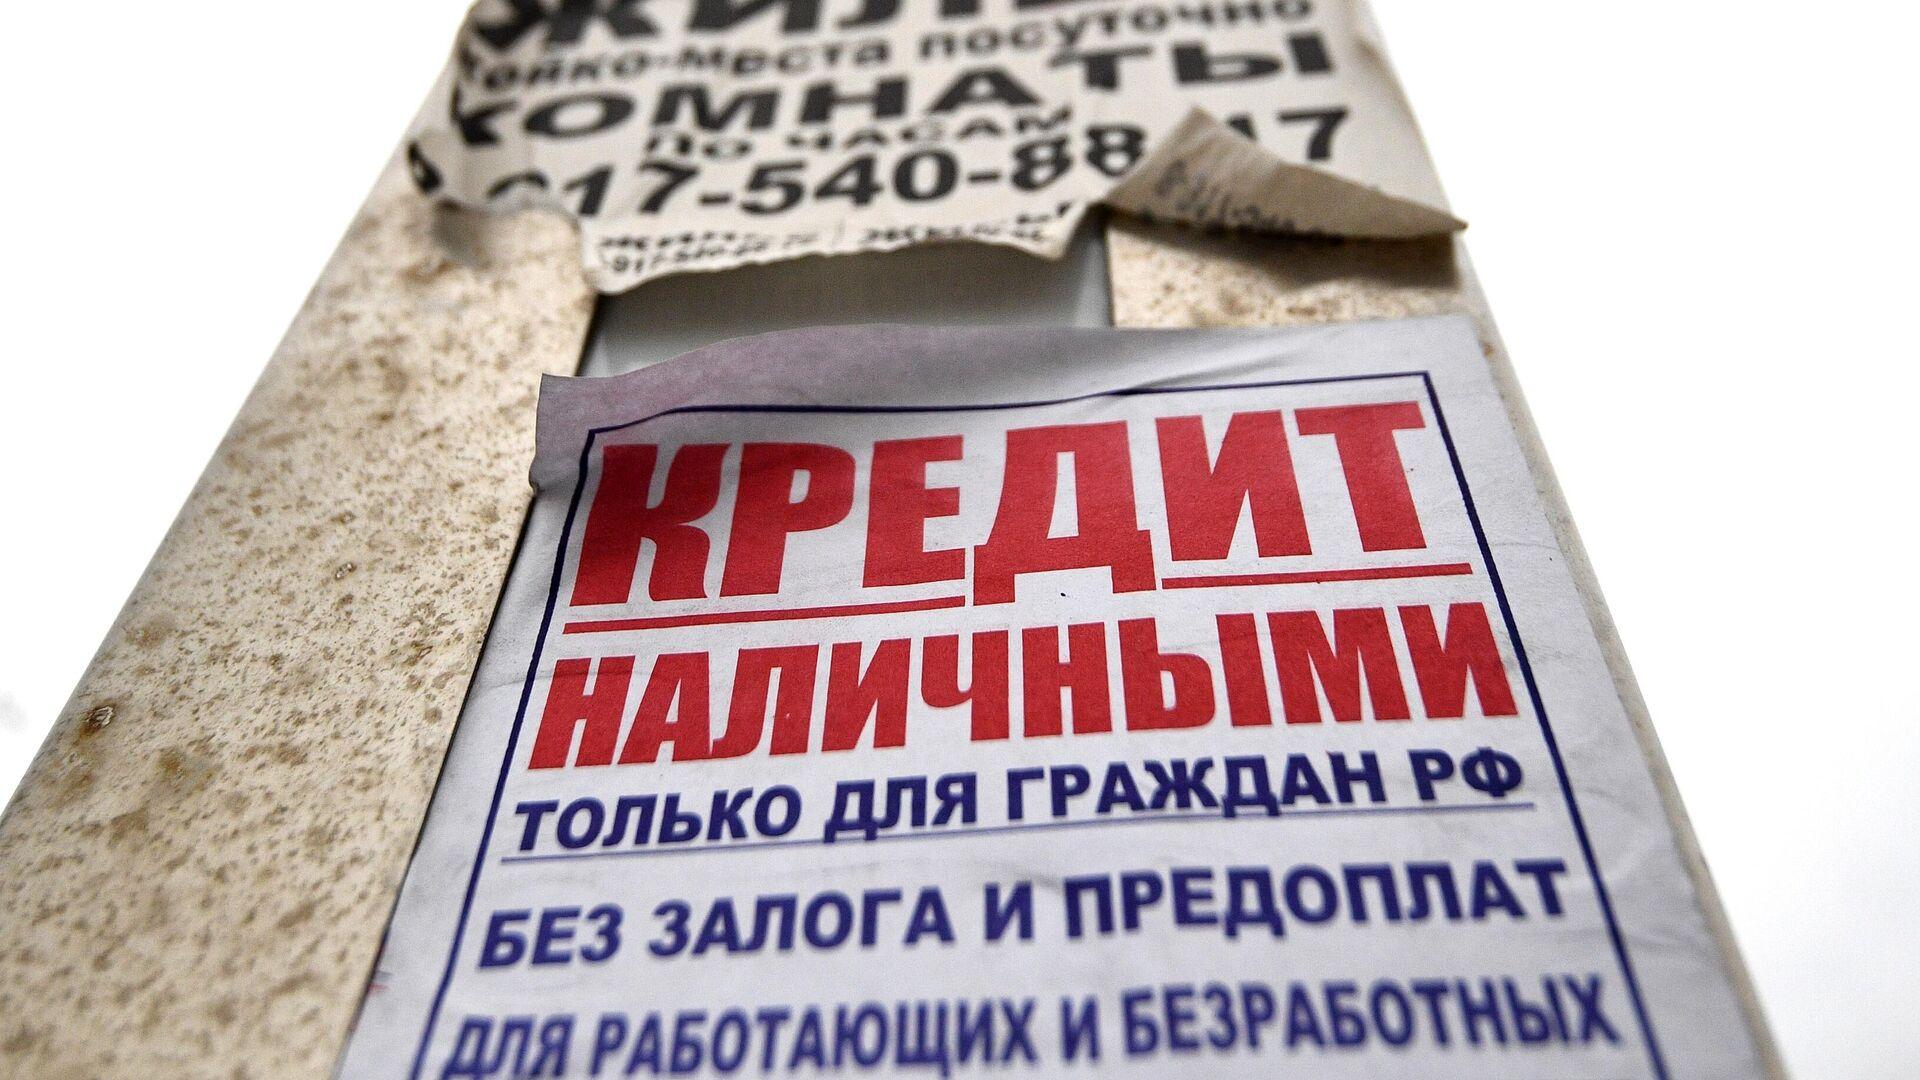 Объявления о кредитах на улице Москвы - РИА Новости, 1920, 23.09.2021